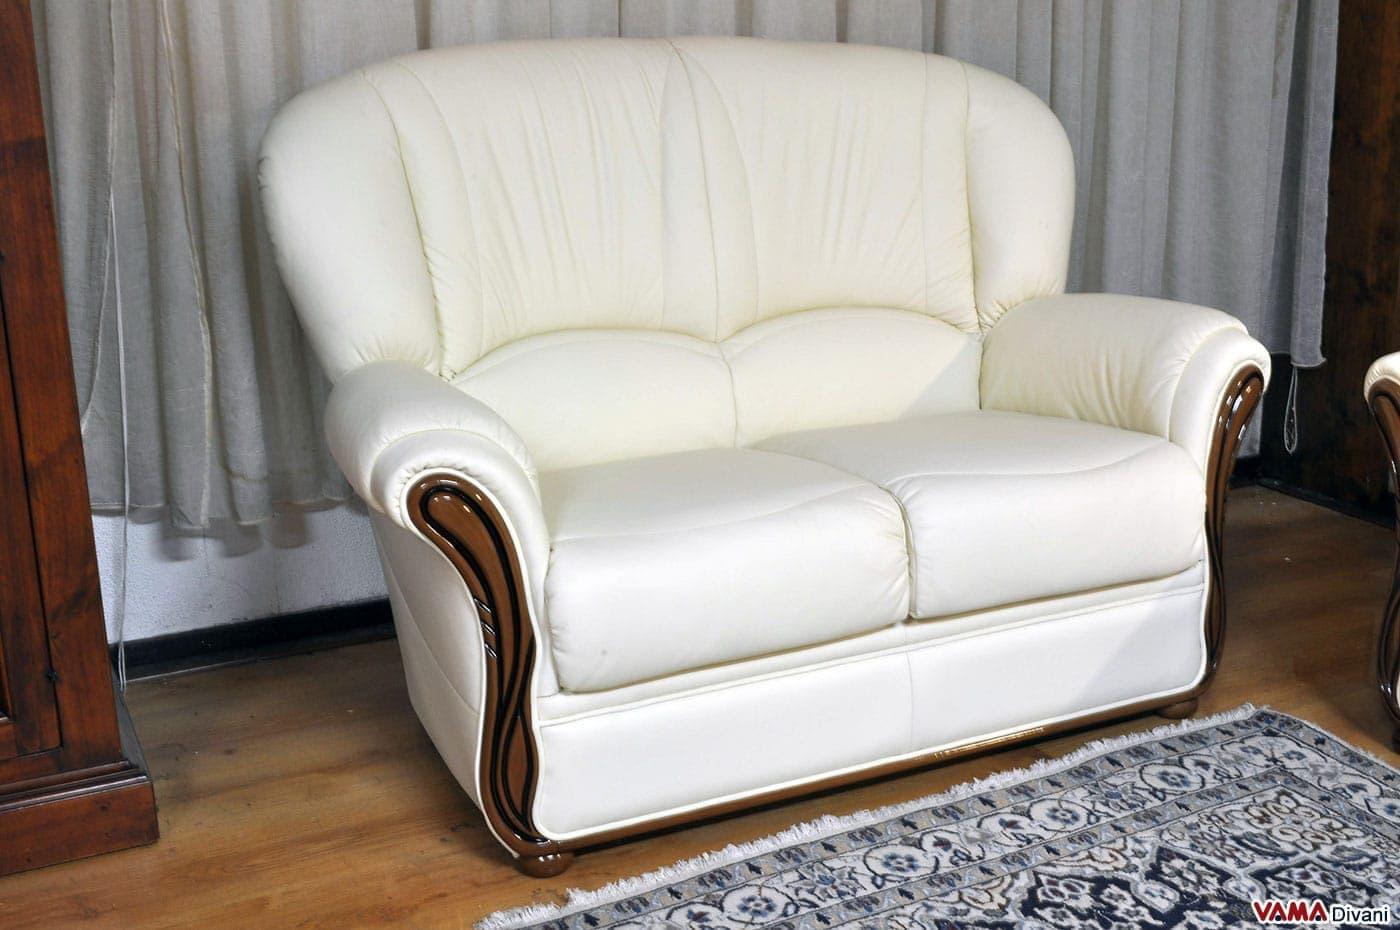 Divano 2 posti classico in offerta con rifiniture in legno - Amazon divani due posti ...